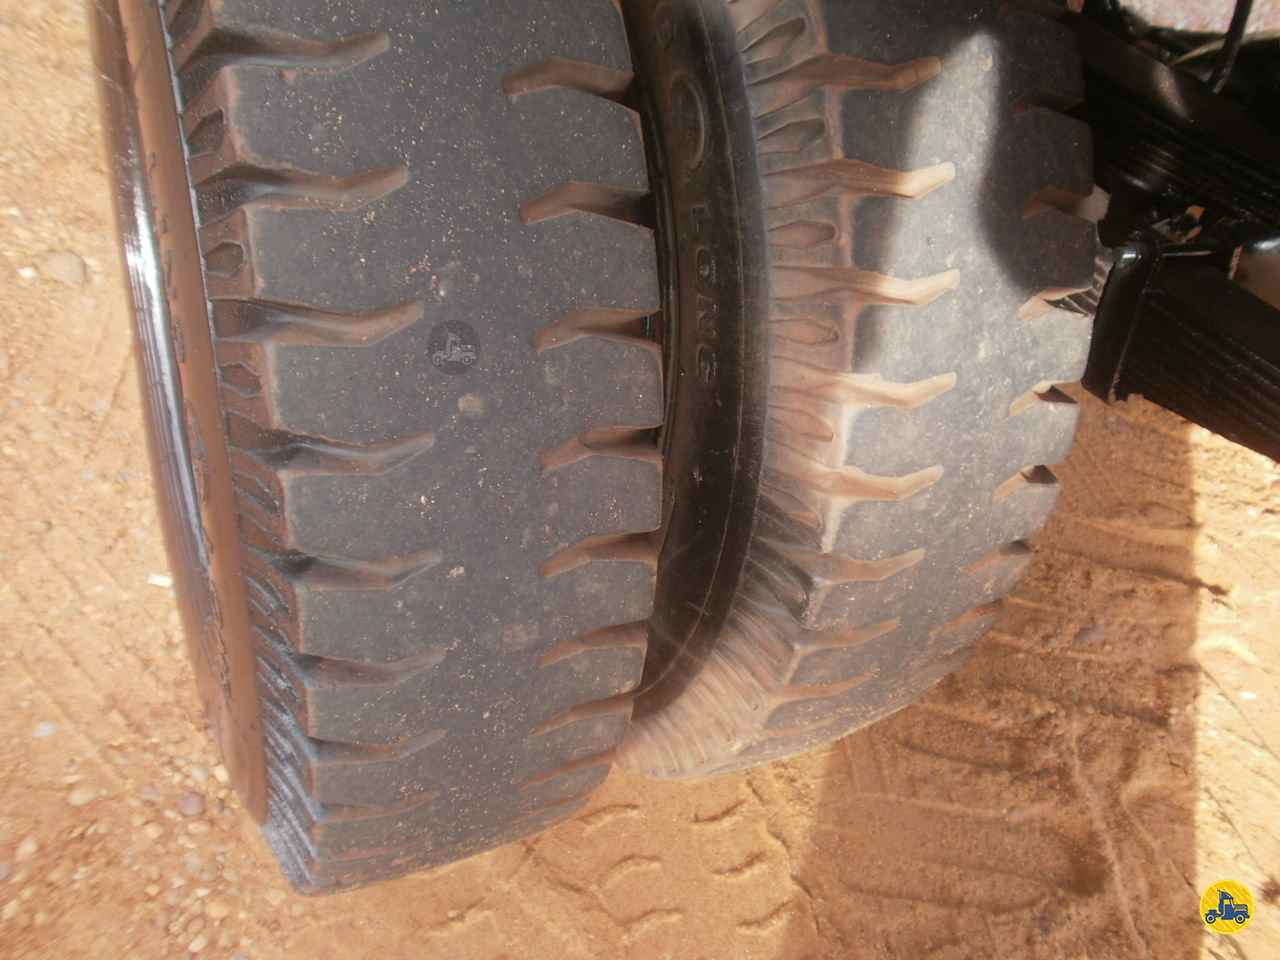 VOLKSWAGEN VW 16170 324000km 1998/1998 Ravel Trucks